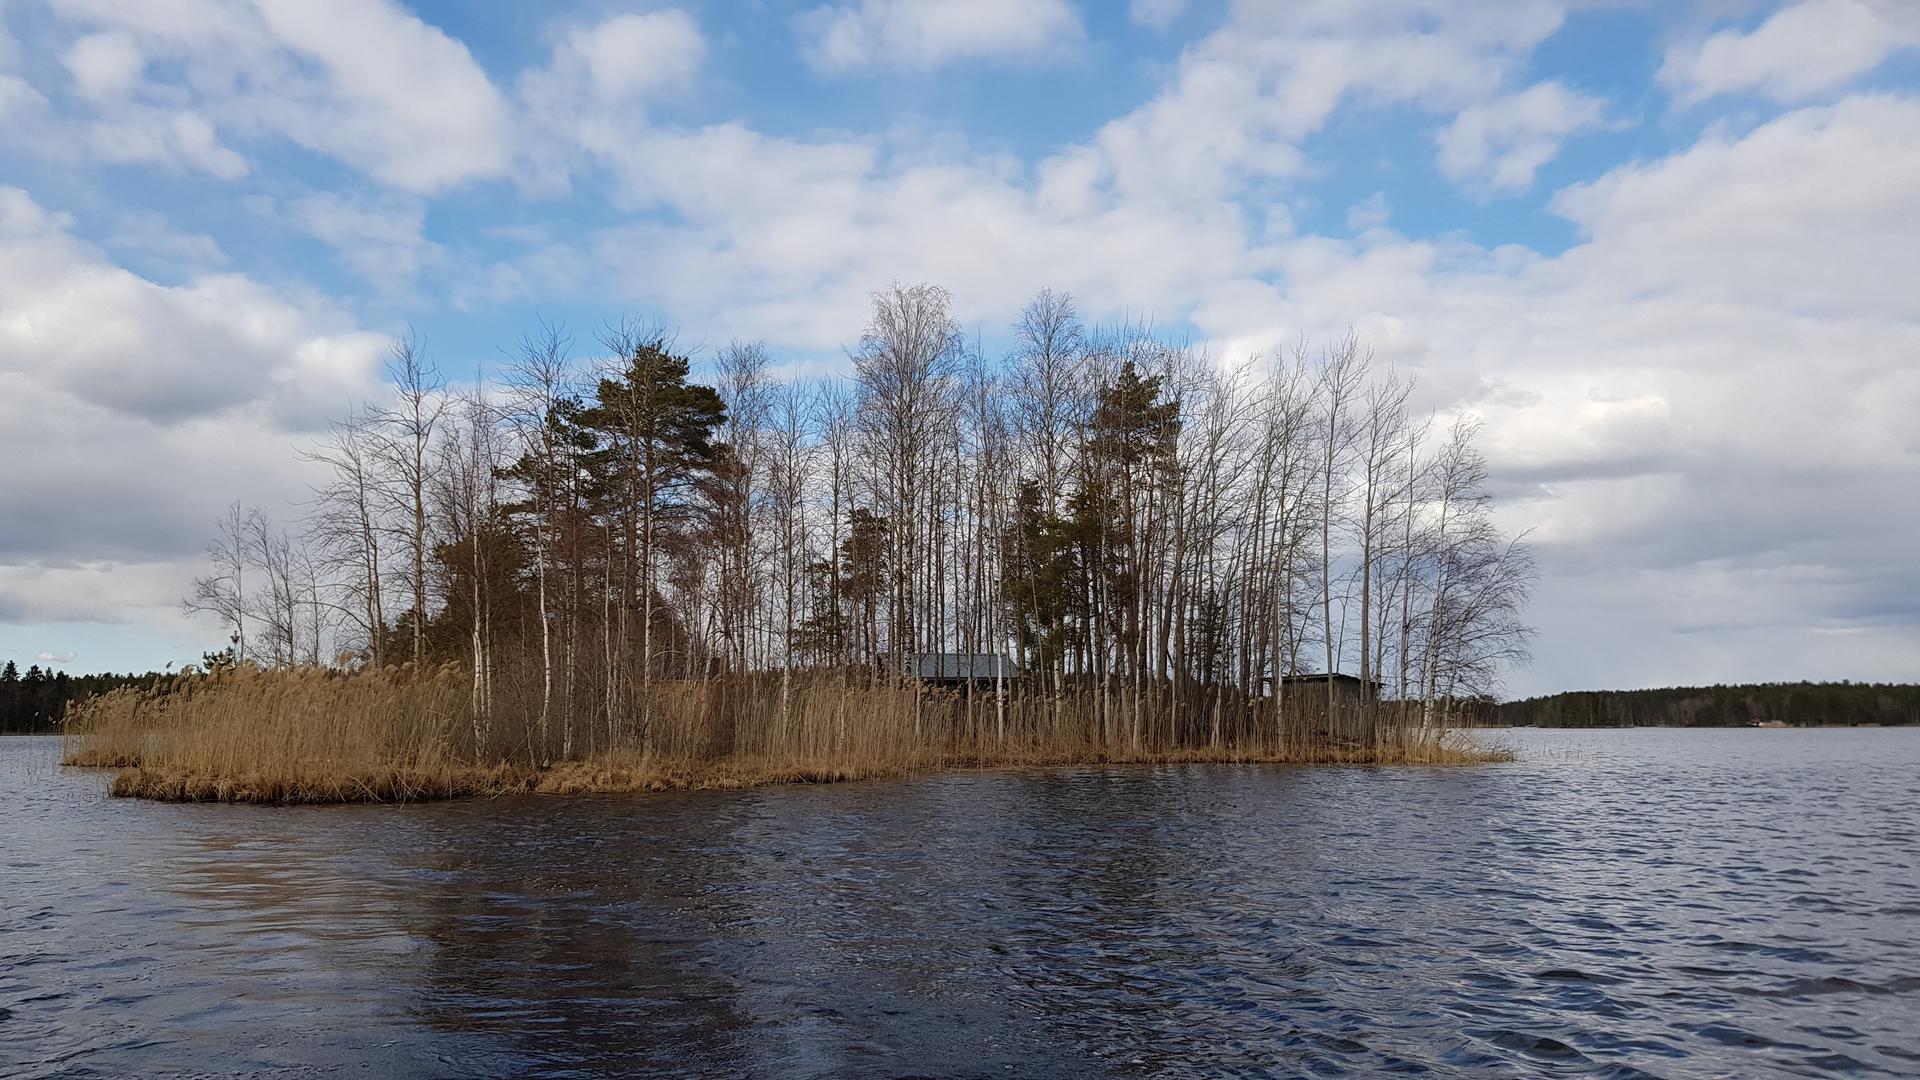 Saarimökki - Obrázek č. 140